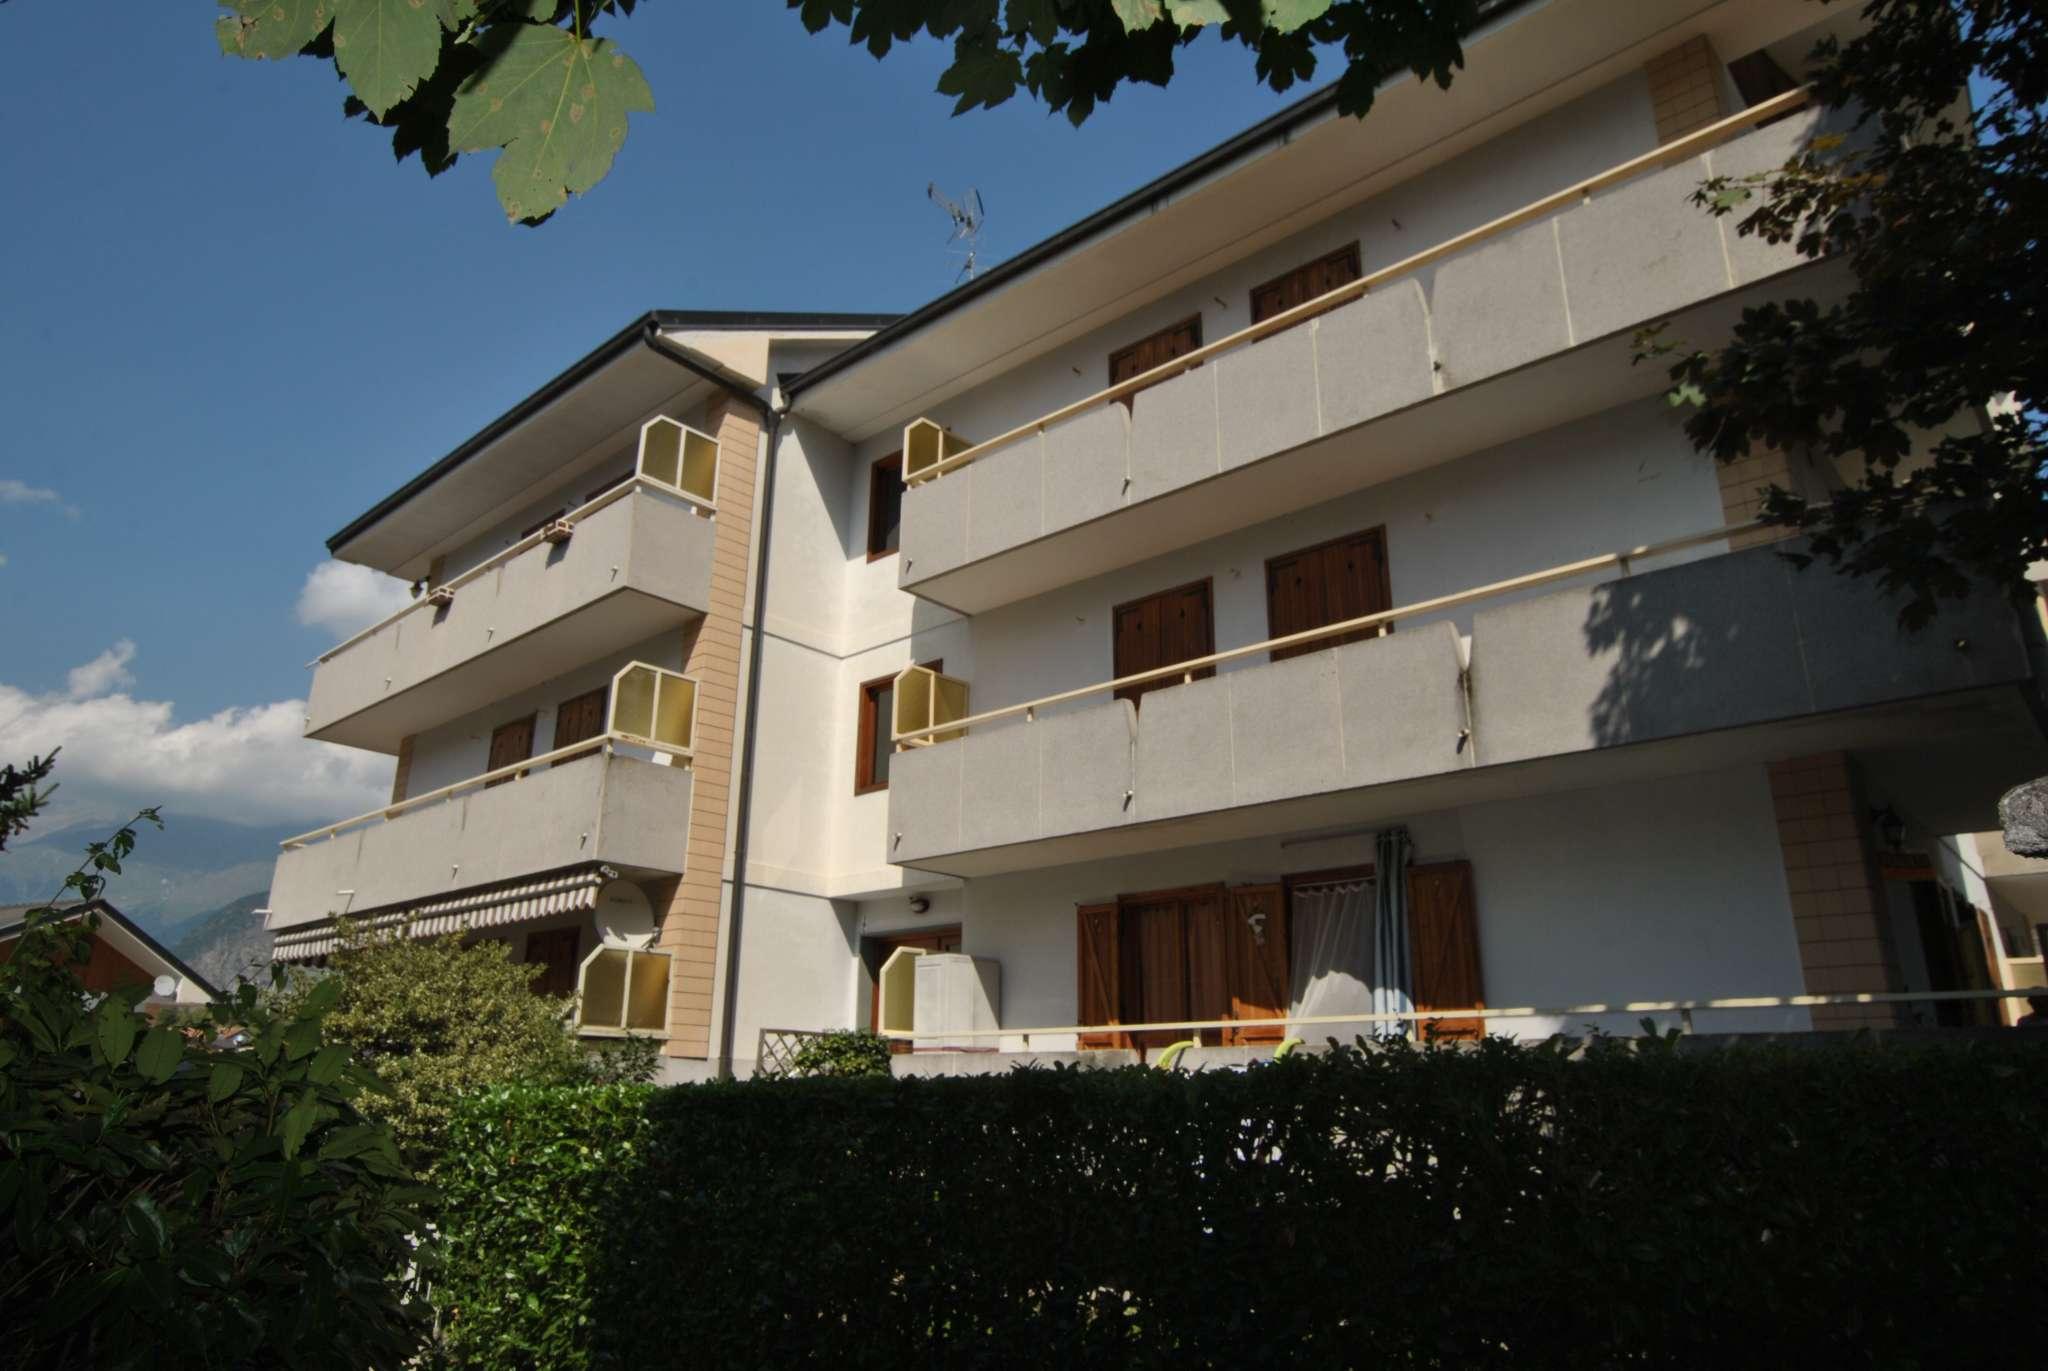 Appartamento in vendita a Gravere, 2 locali, prezzo € 34.500 | CambioCasa.it